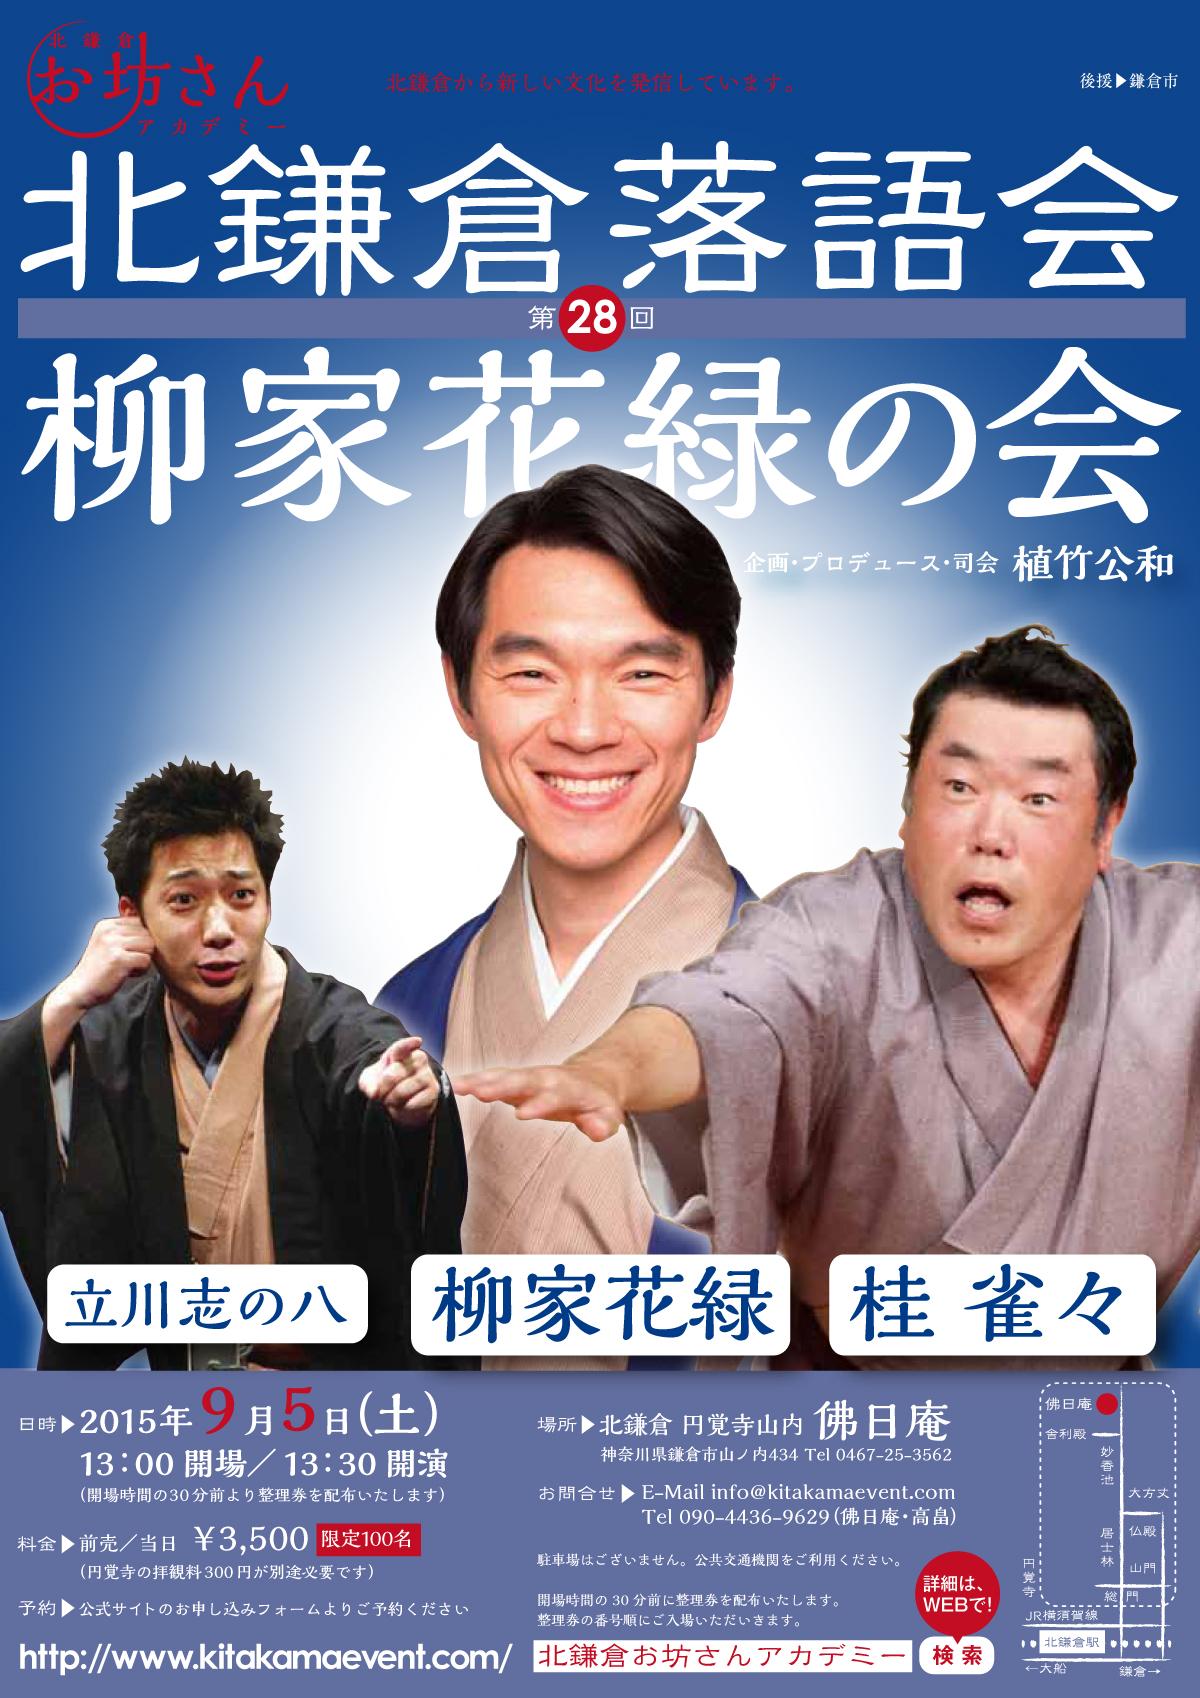 第28回北鎌倉落語会 柳家花緑の会